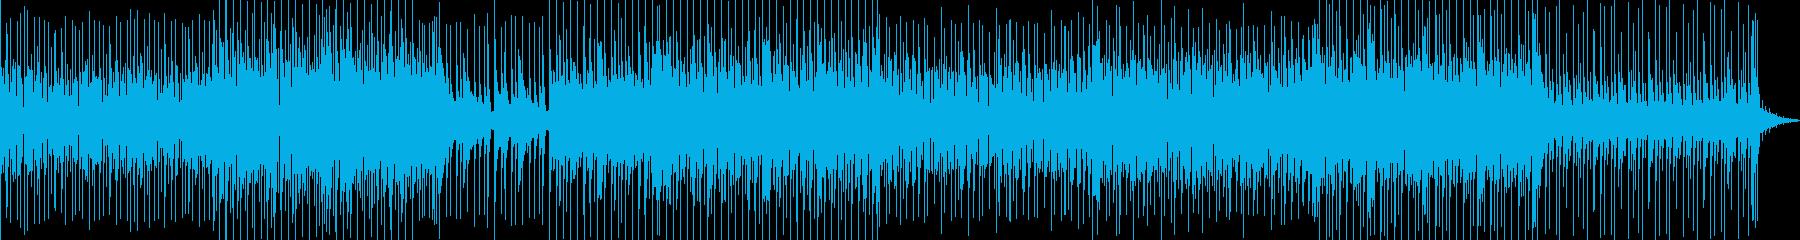 やさしくて明るく元気な雰囲気の曲の再生済みの波形